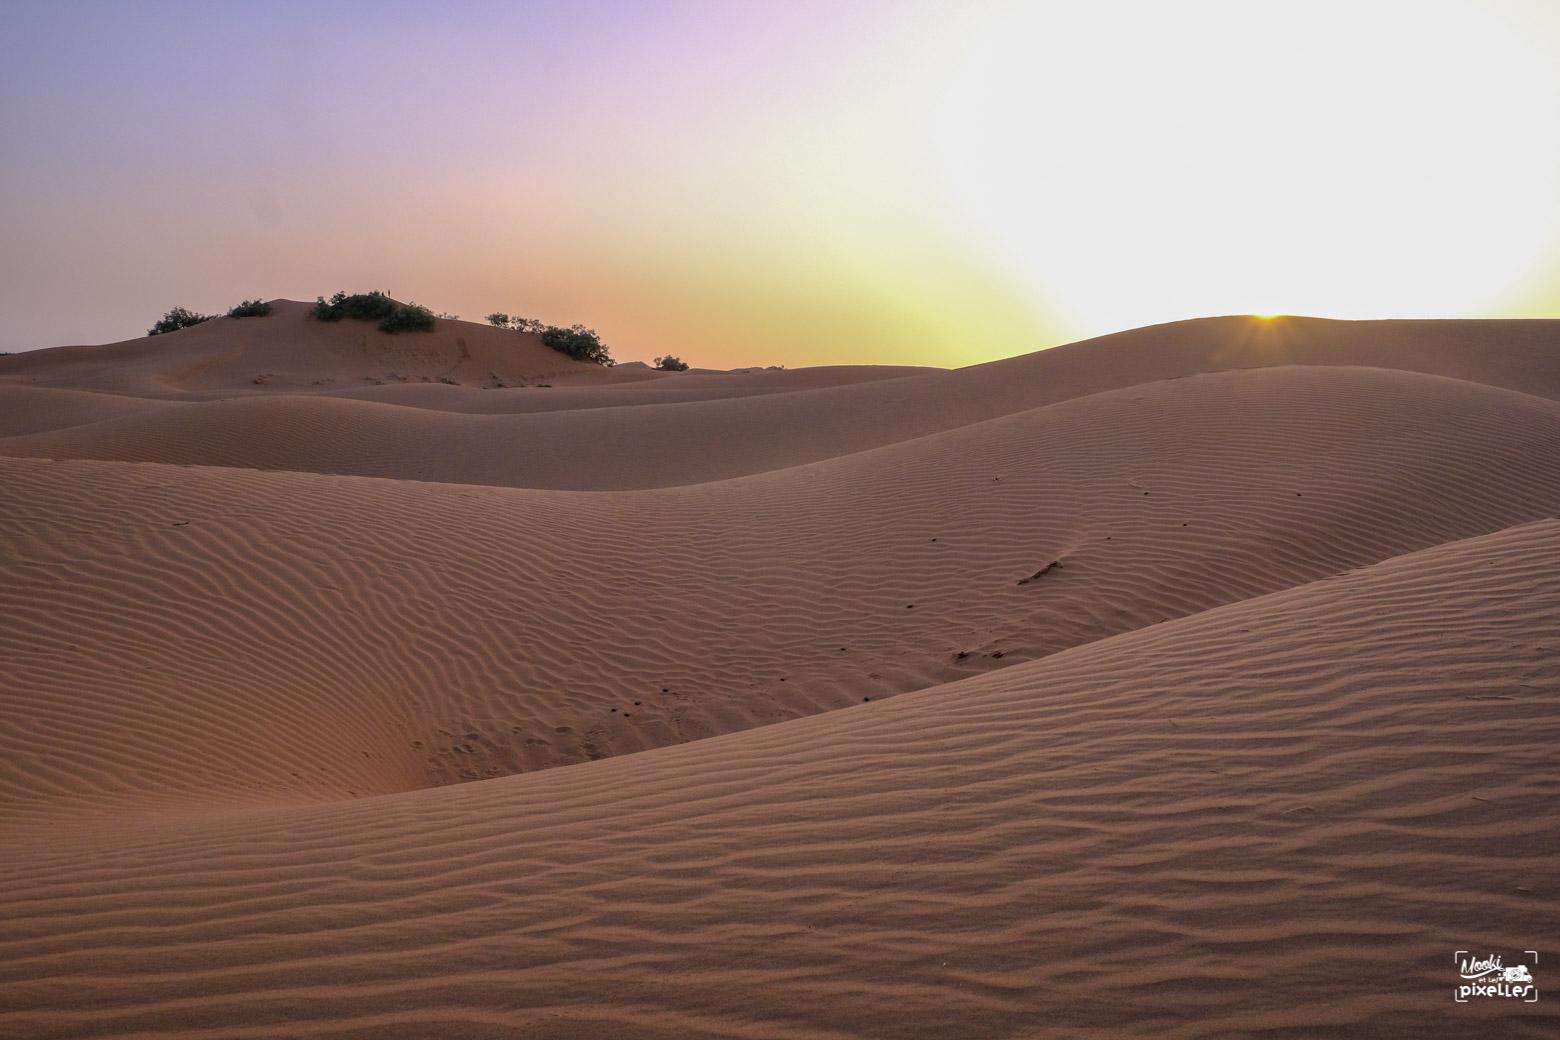 Lever de soleil sur les dunes au Maroc